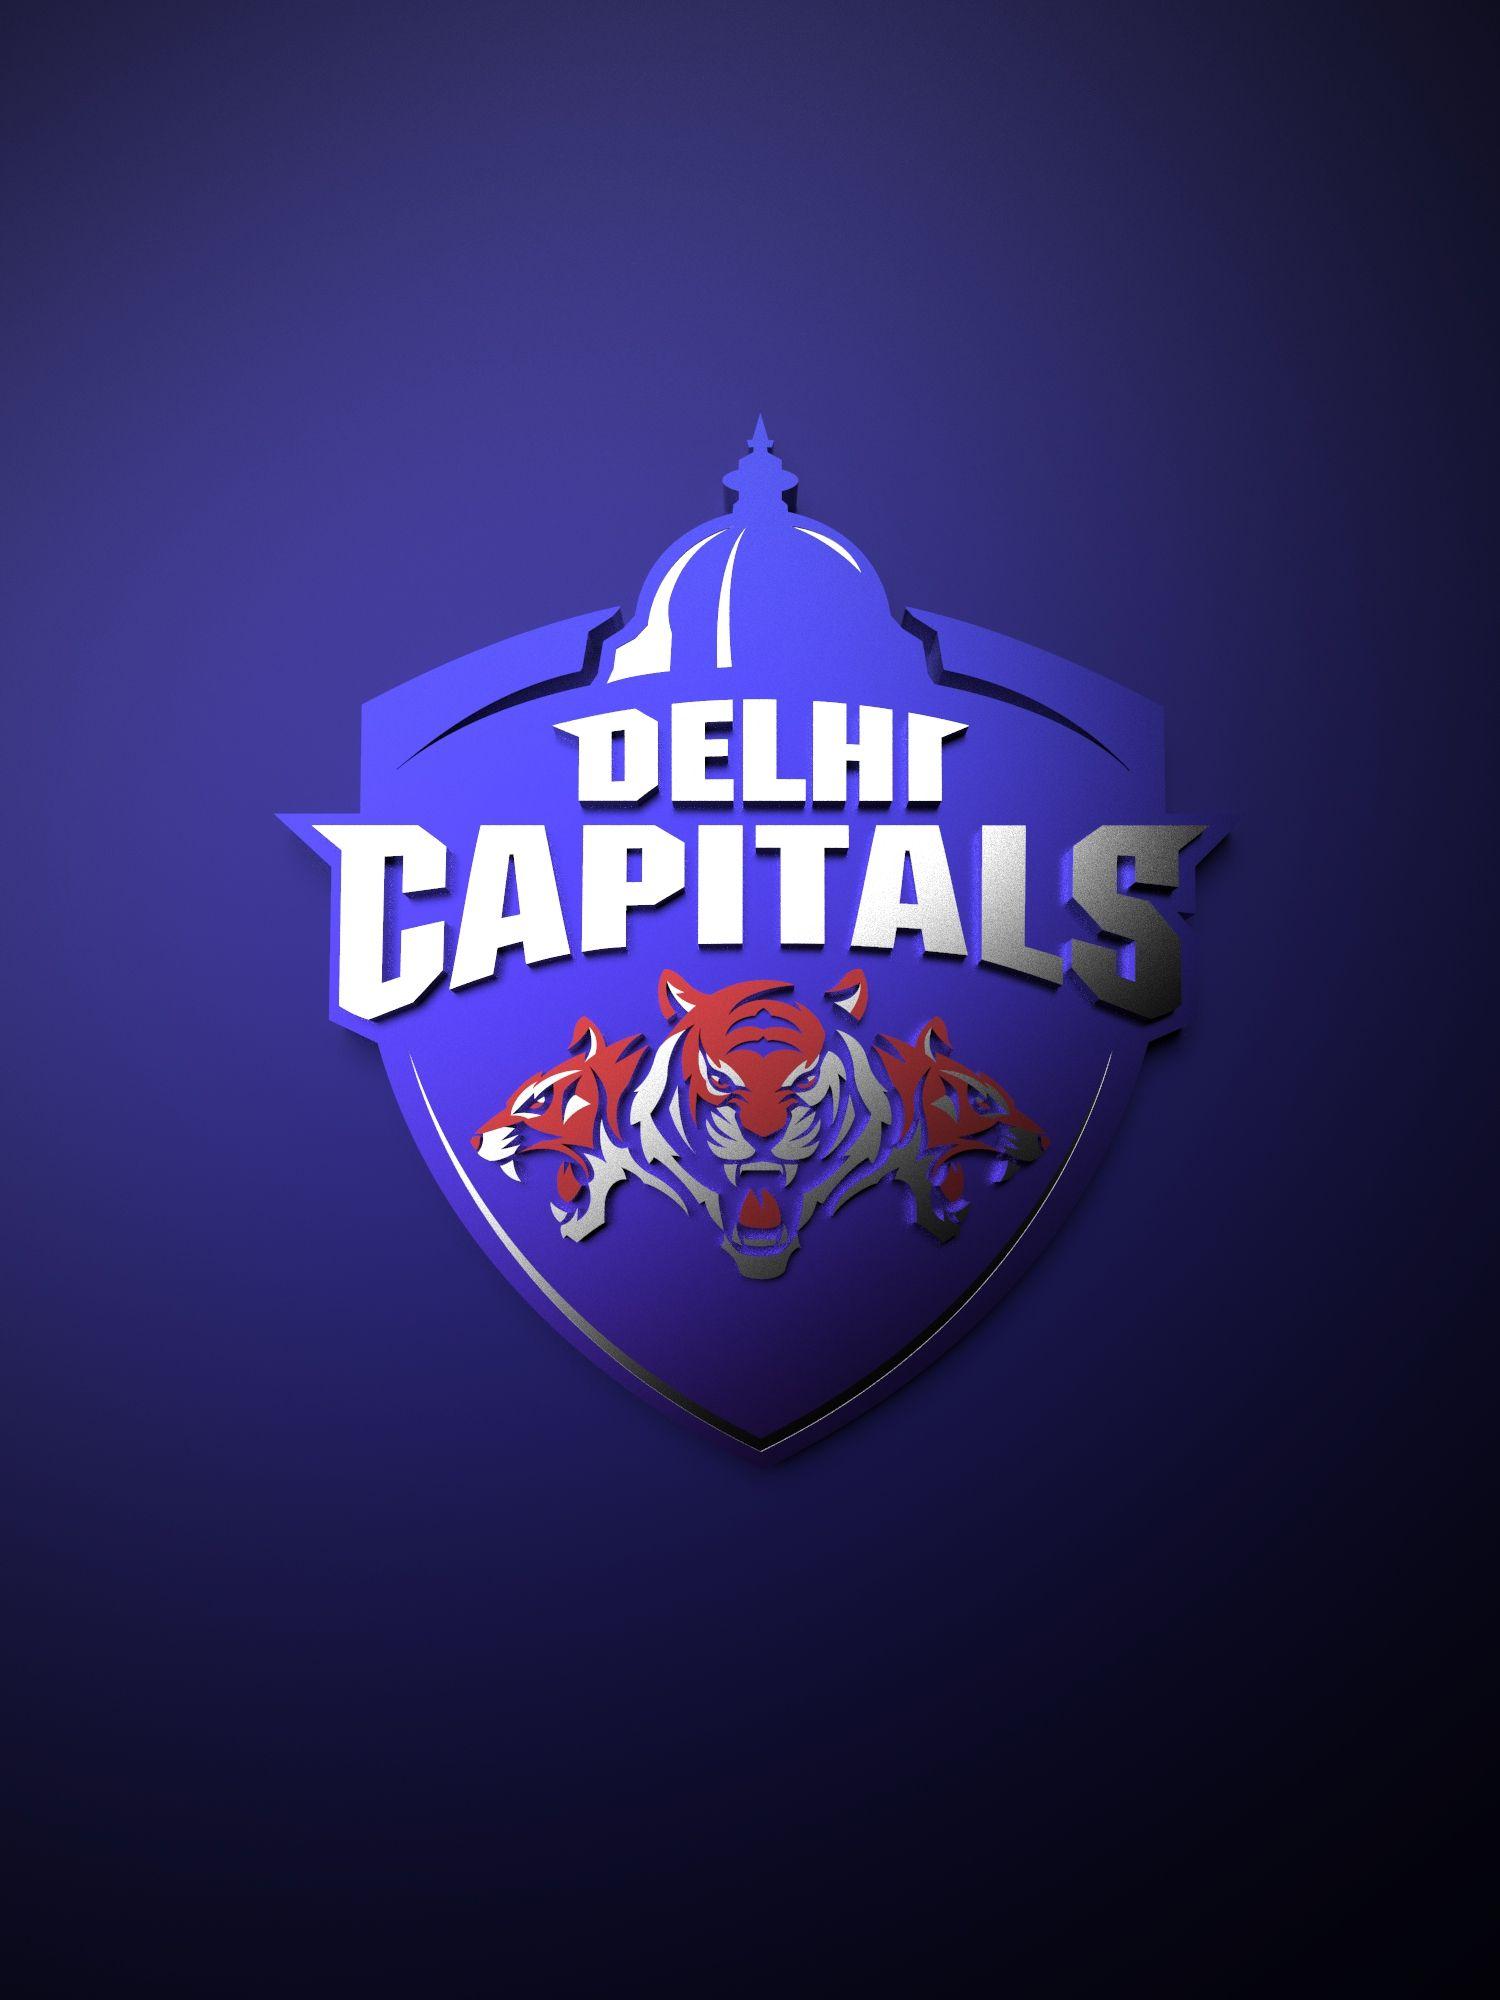 Delhi Capitals Ipl Metallic Logo Poster Painting Tenorarts In 2020 Metallic Logo Ipl Cricket Wallpapers